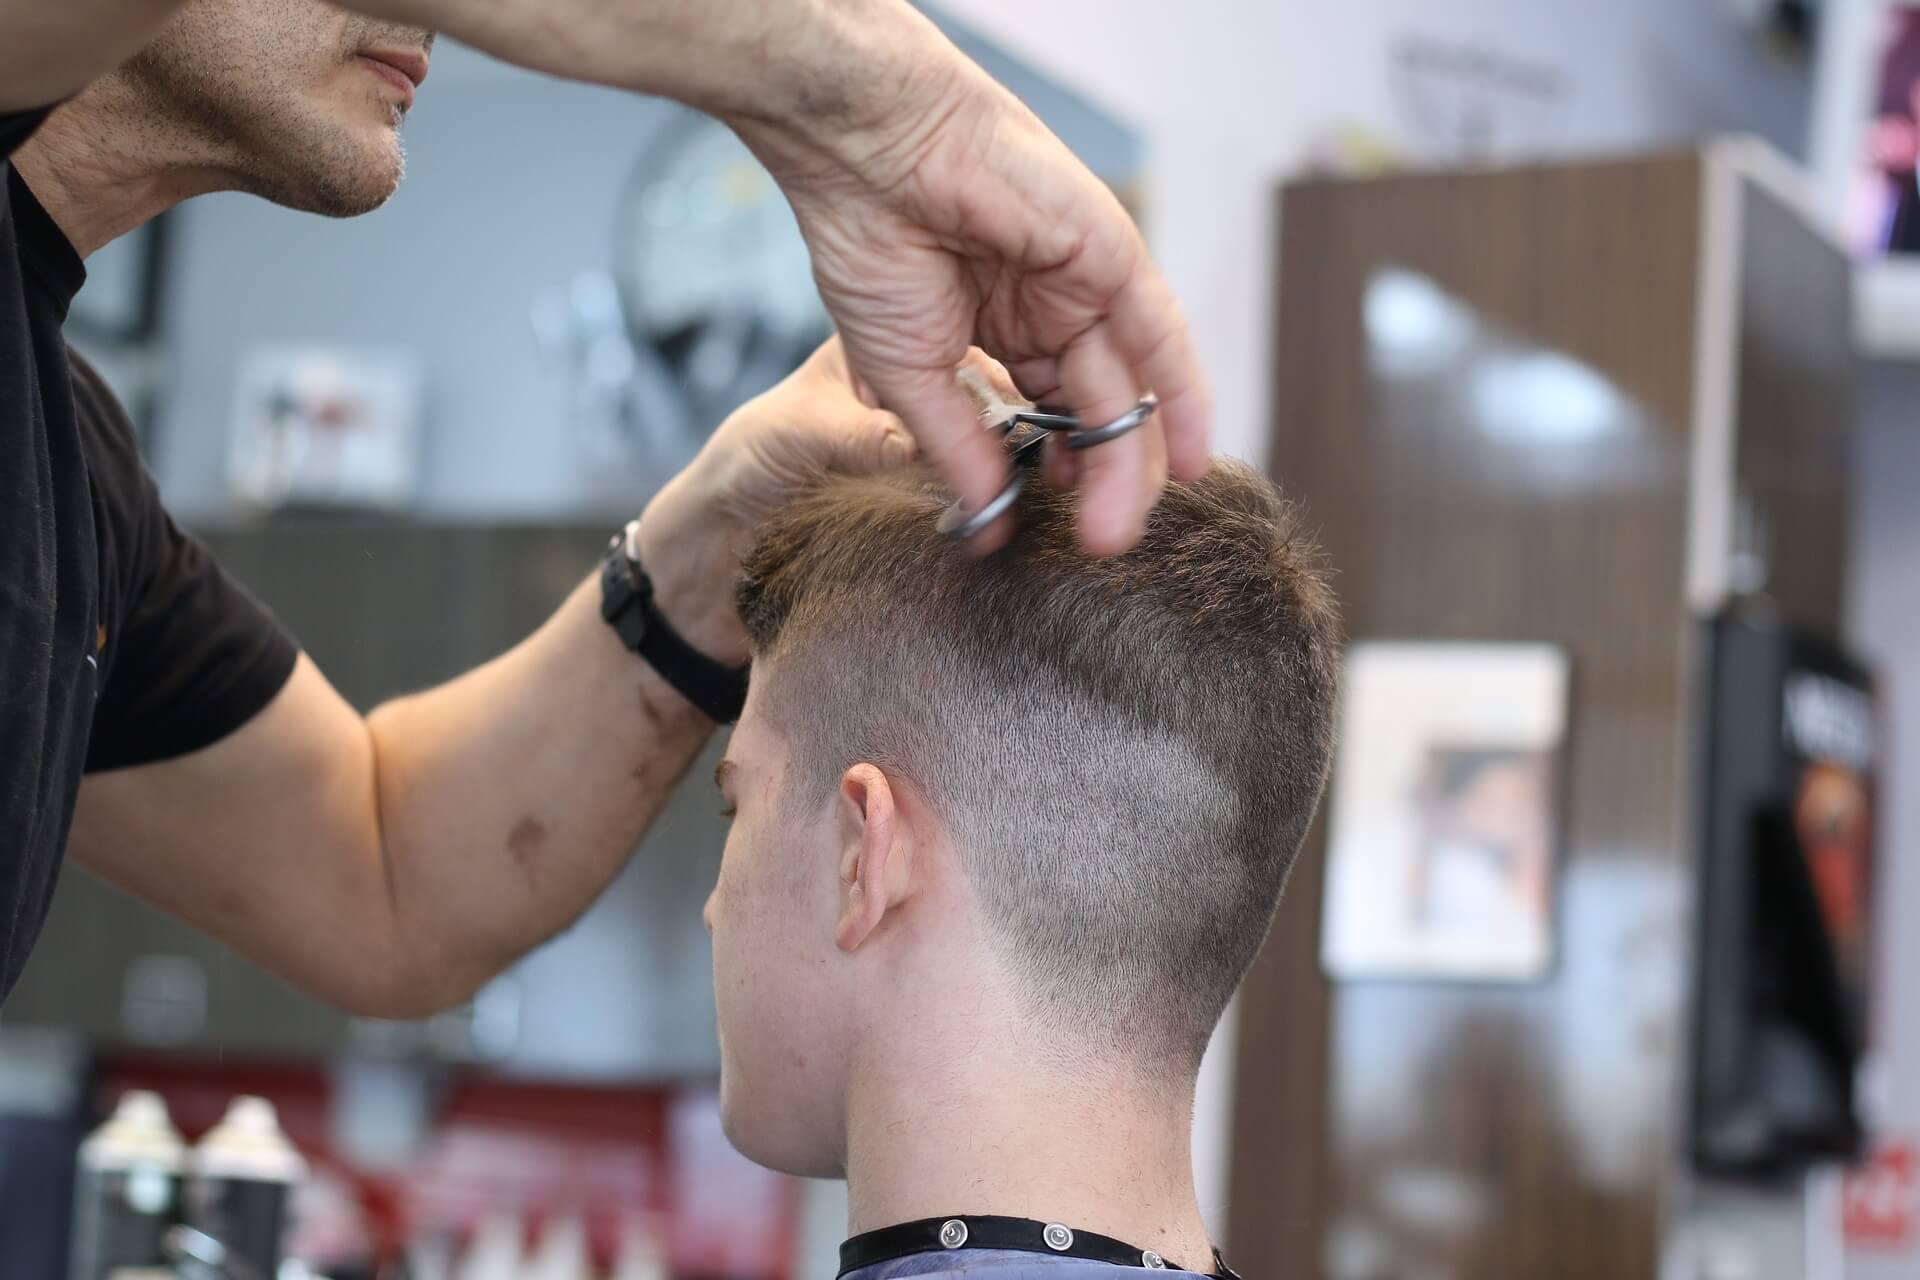 Long Hair VS Short Hair Men: Which Is Better On Men in 2021?